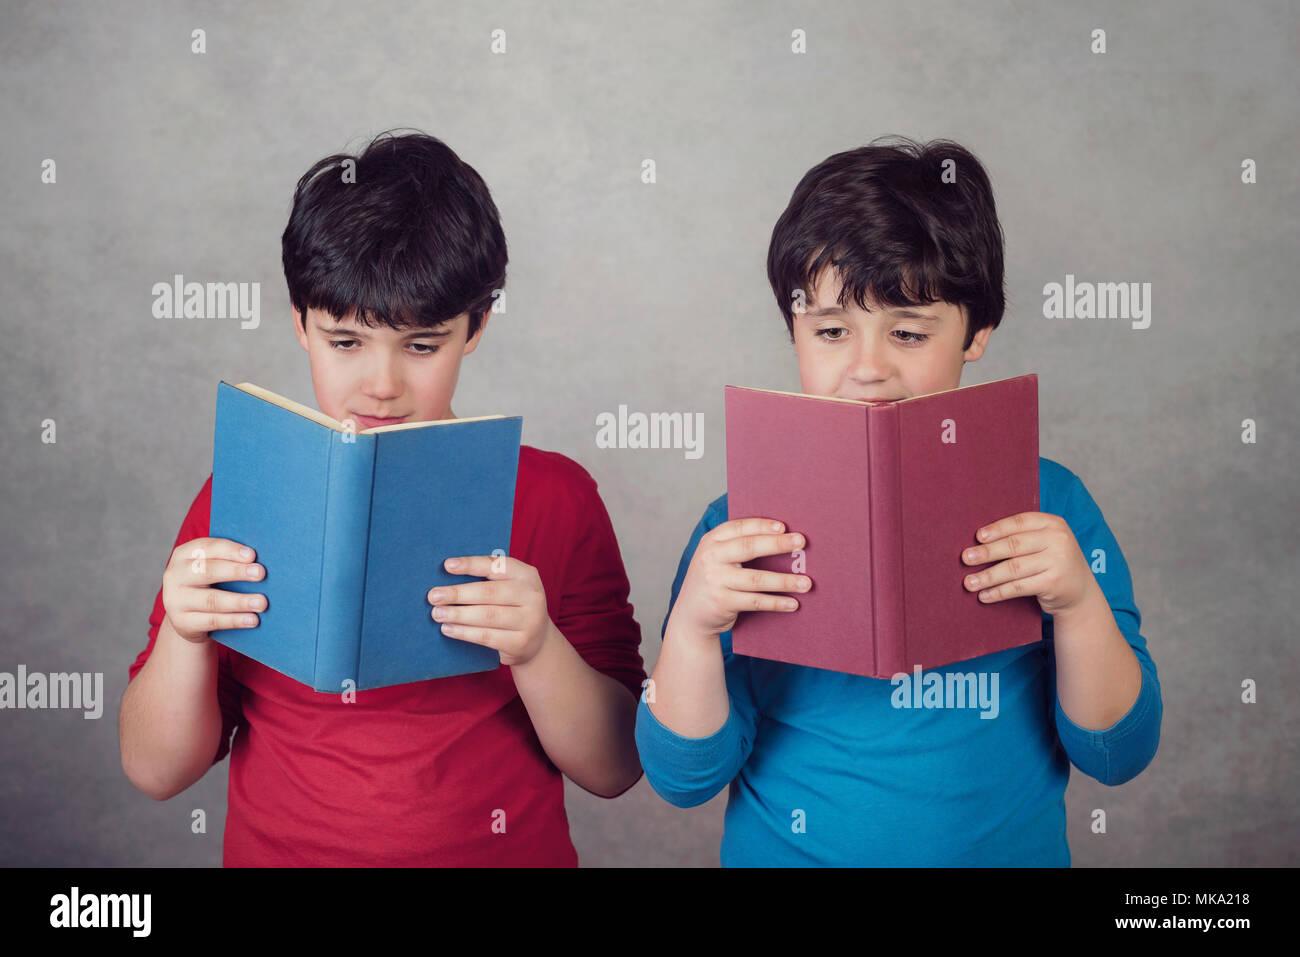 Enfants lisant un livre sur fond gris Photo Stock